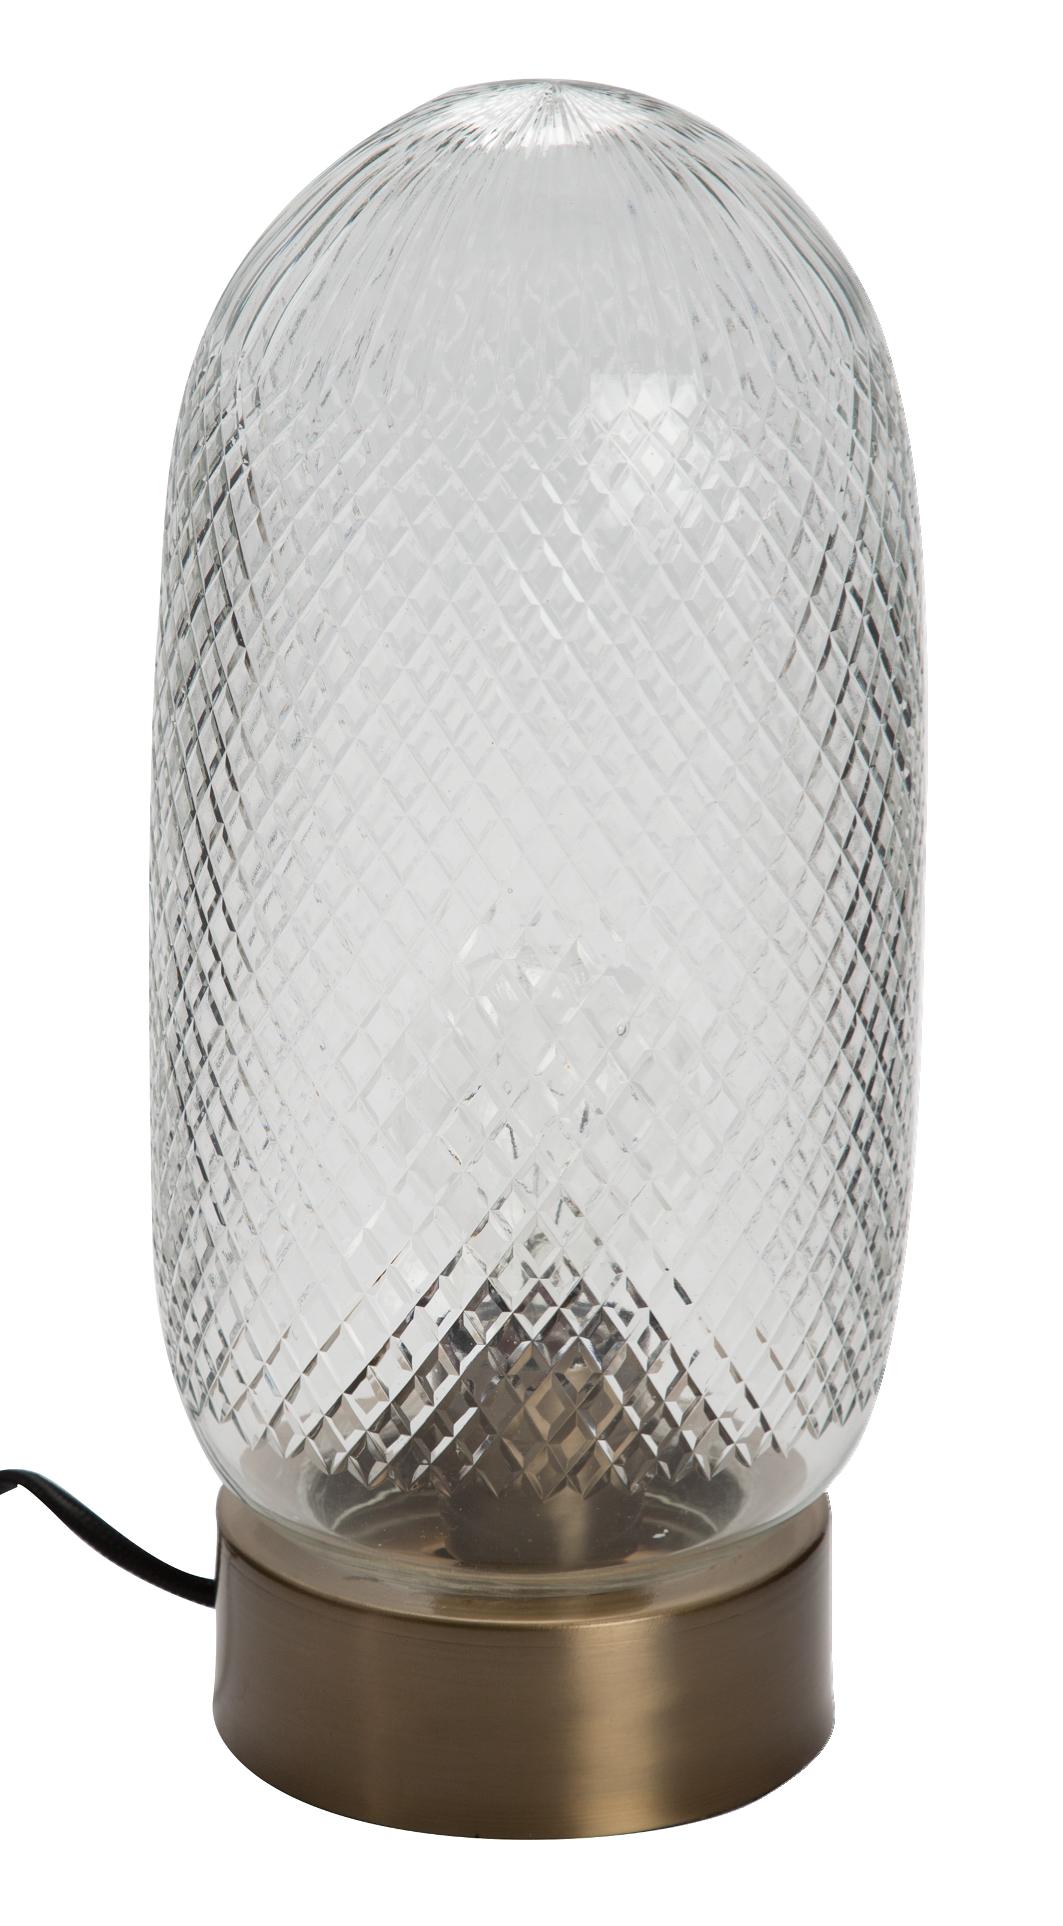 Au maison-Cocoon/Facet lamp